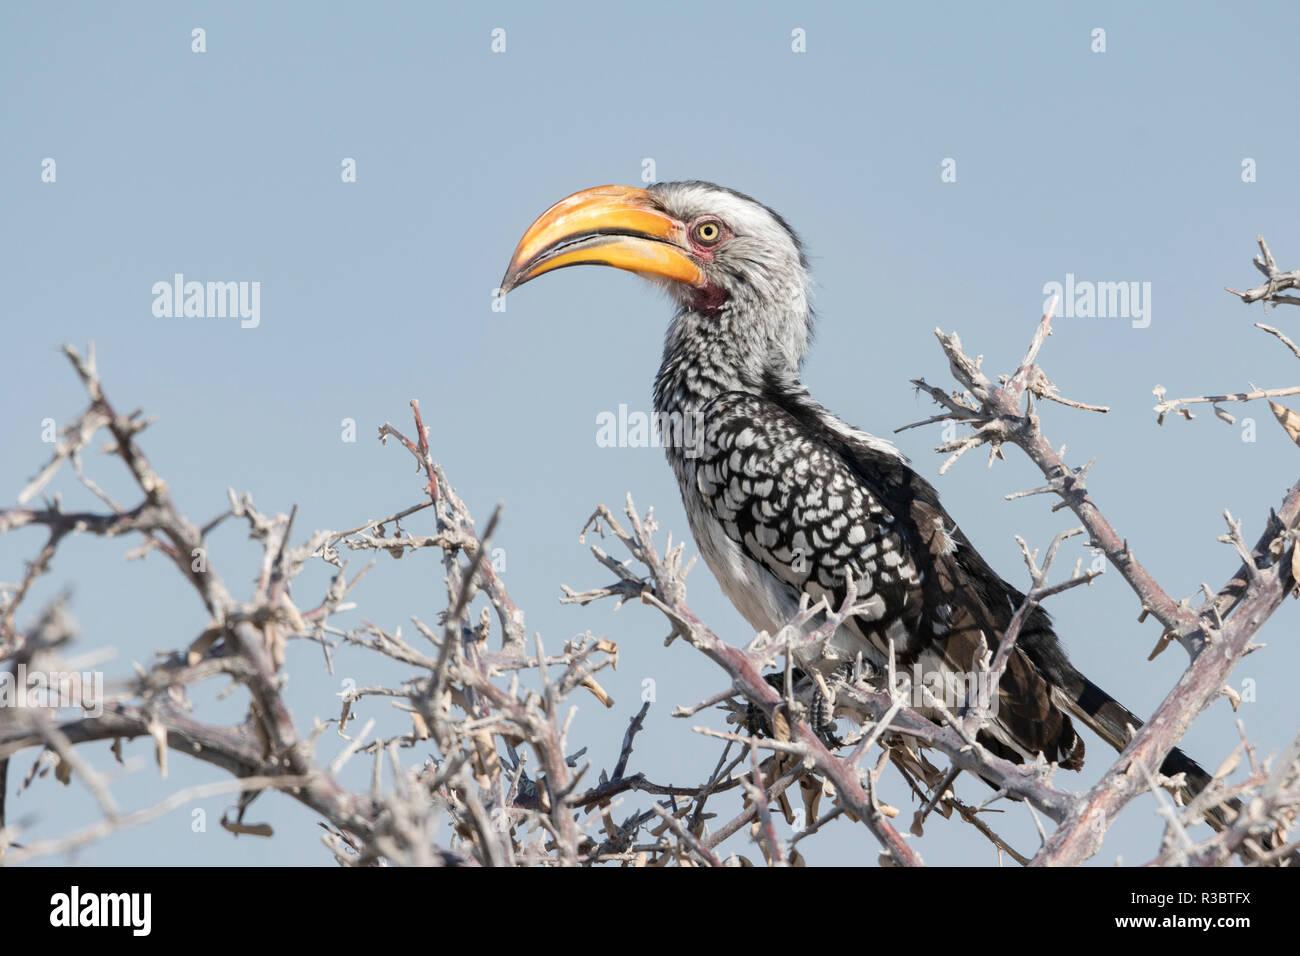 Yellow Hornbill, Tockus leucomelas, in einem Baum, Namibia thront. Stockbild